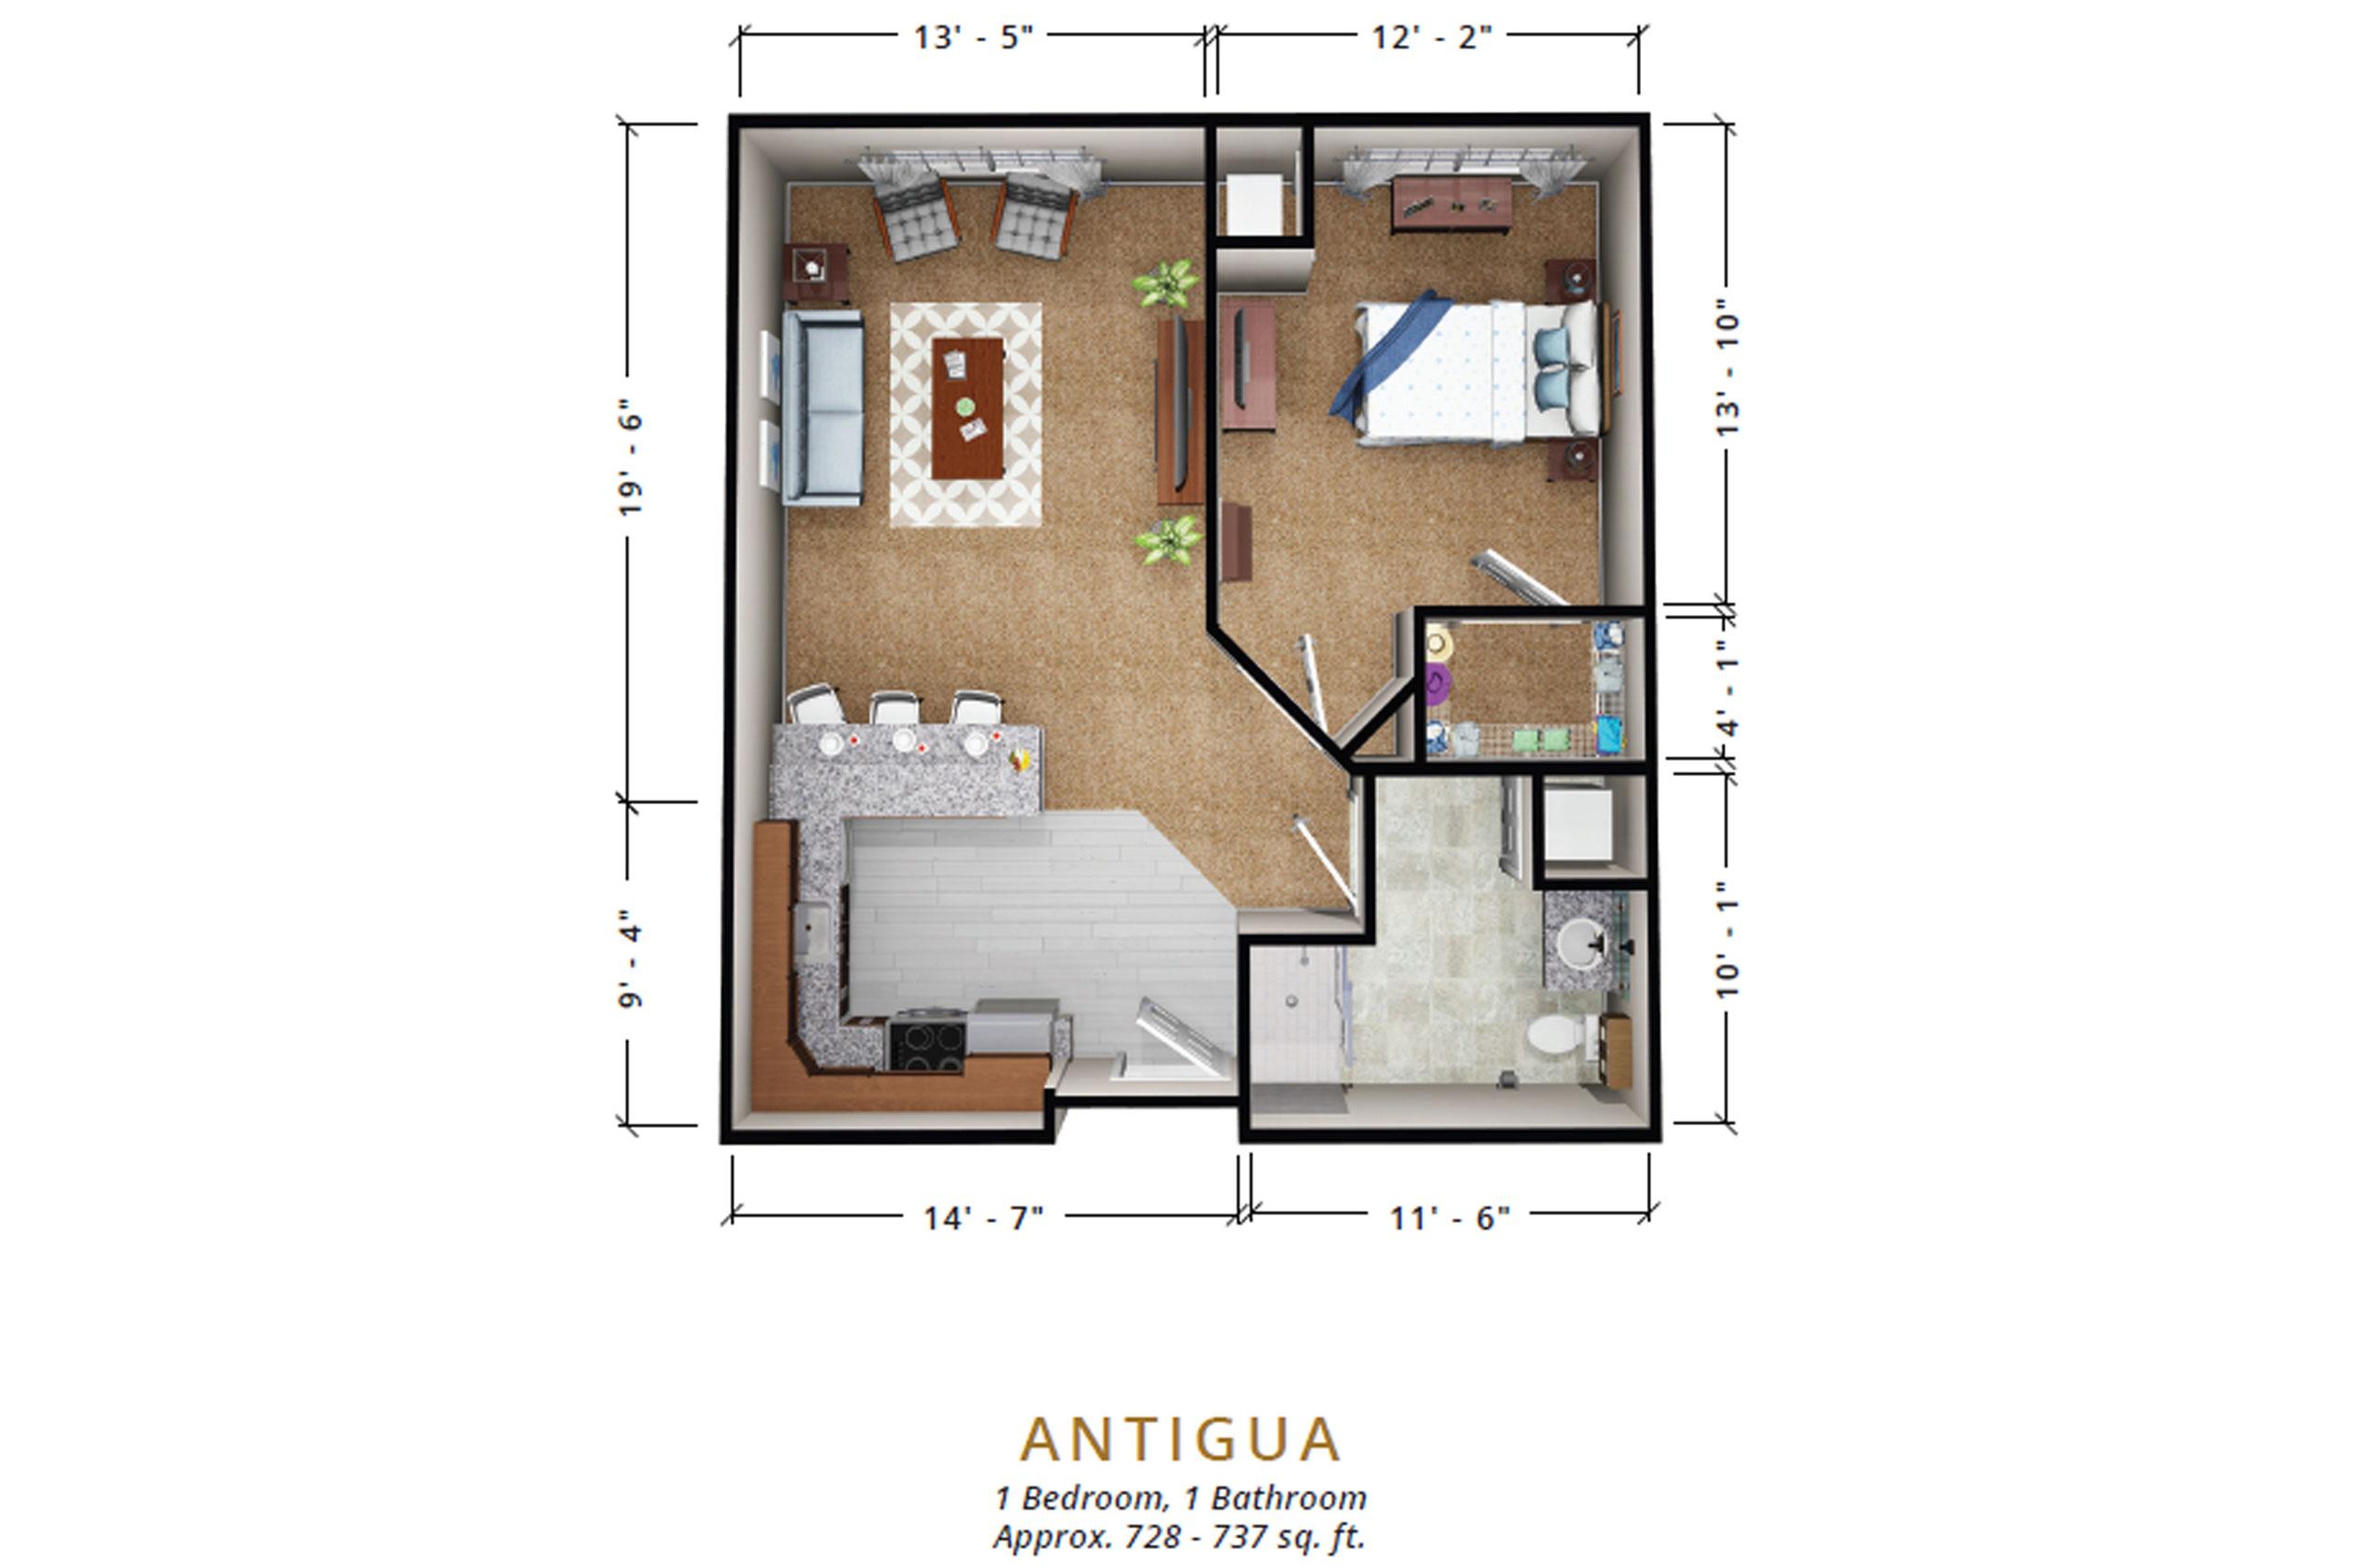 Antigua | One Bedroom